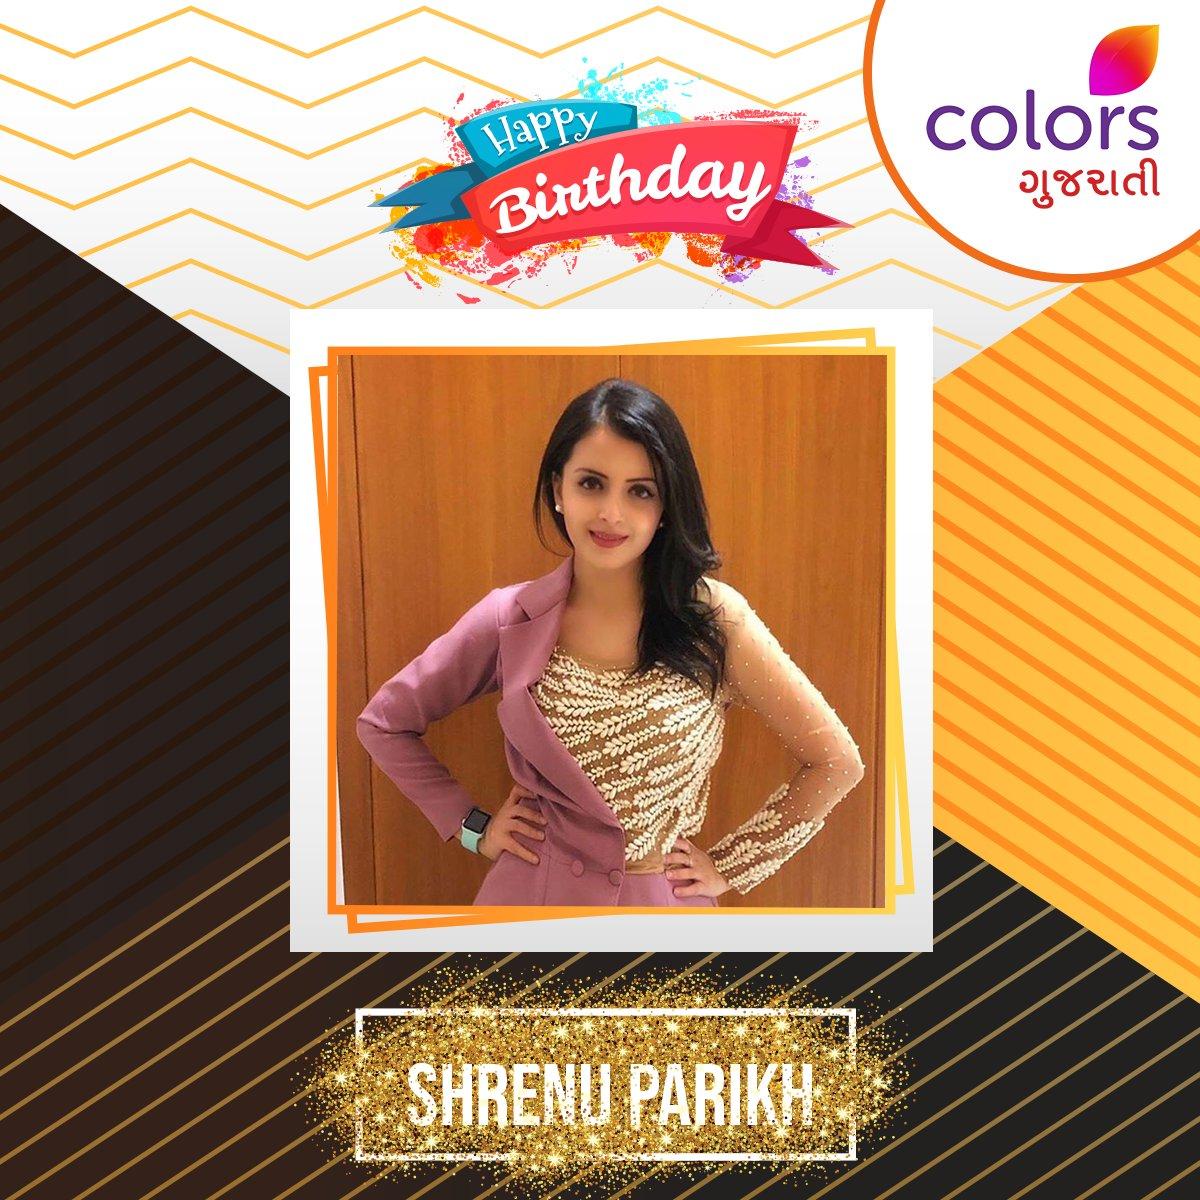 ગુજરાતી #IndianTelevisionActress #ShrenuParikh ને જન્મદિવસની ખૂબ ખૂબ શુભકામનાઓ. #ColorsGujarati #HappyBirthday @shrenuparikh11pic.twitter.com/NxEuSA41gK